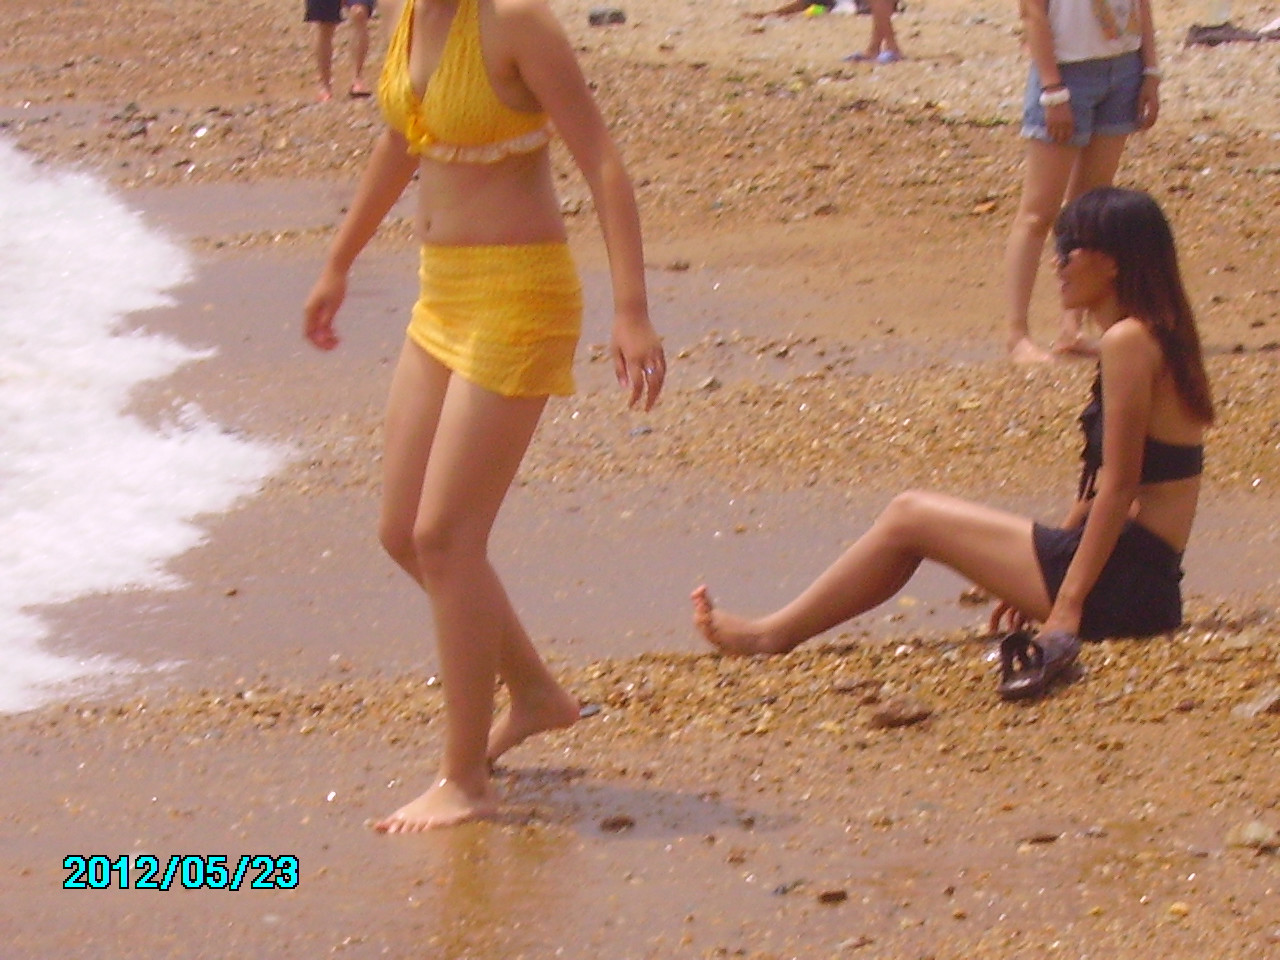 来自于 沙滩美女外>的照片